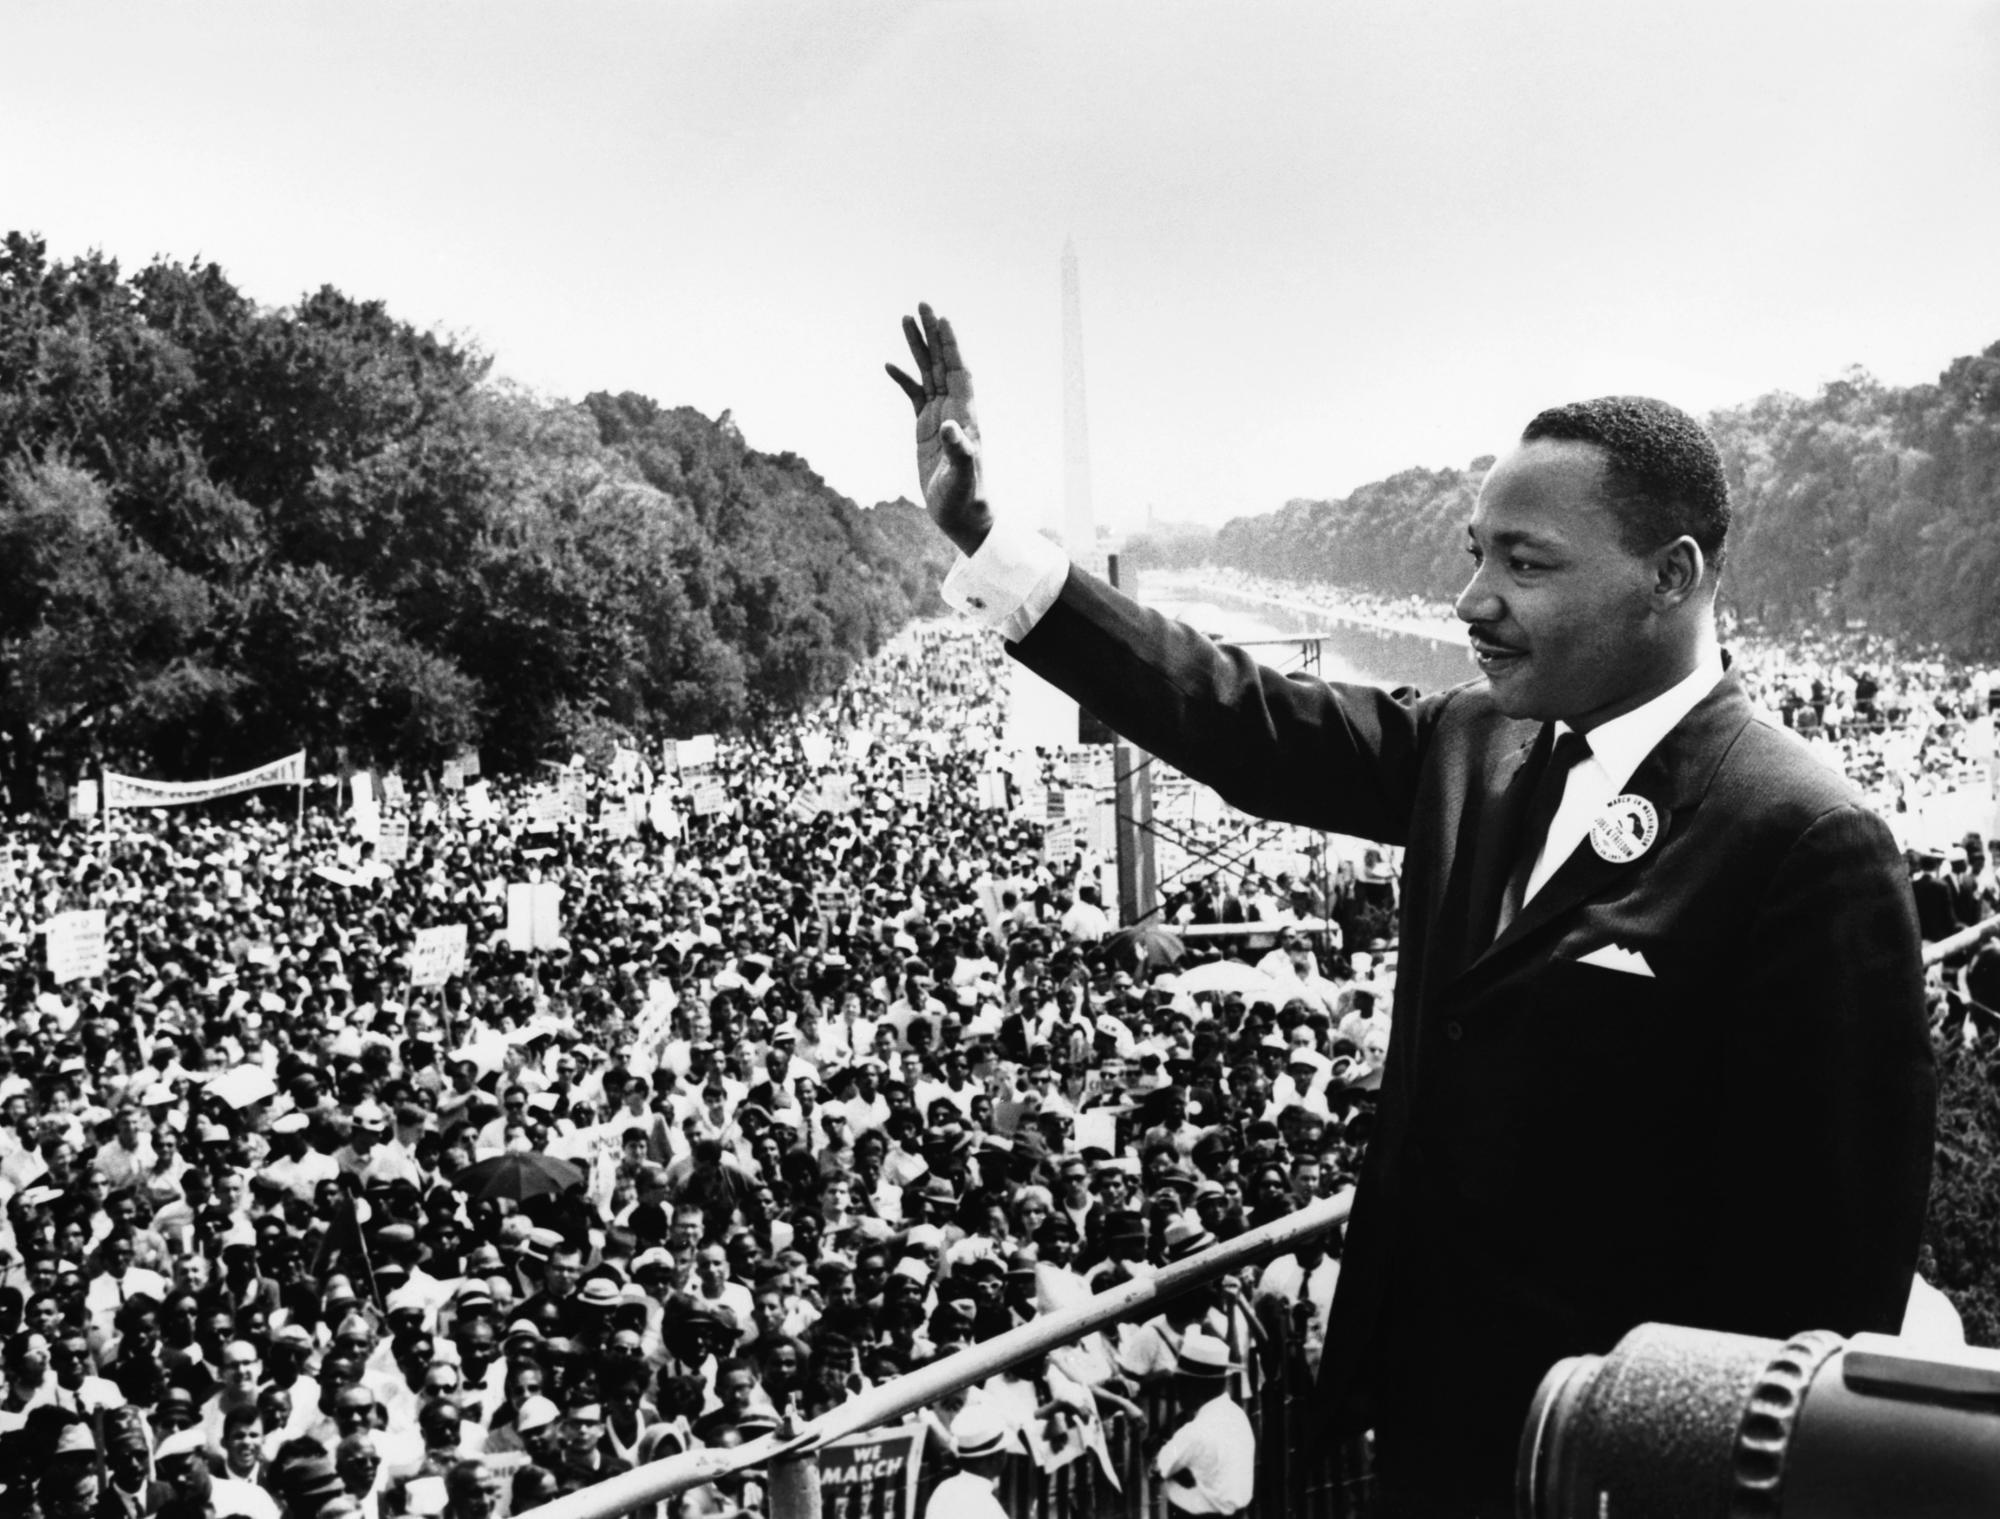 Мъдри и вдъхновяващи мисли от Мартин Лутър Кинг